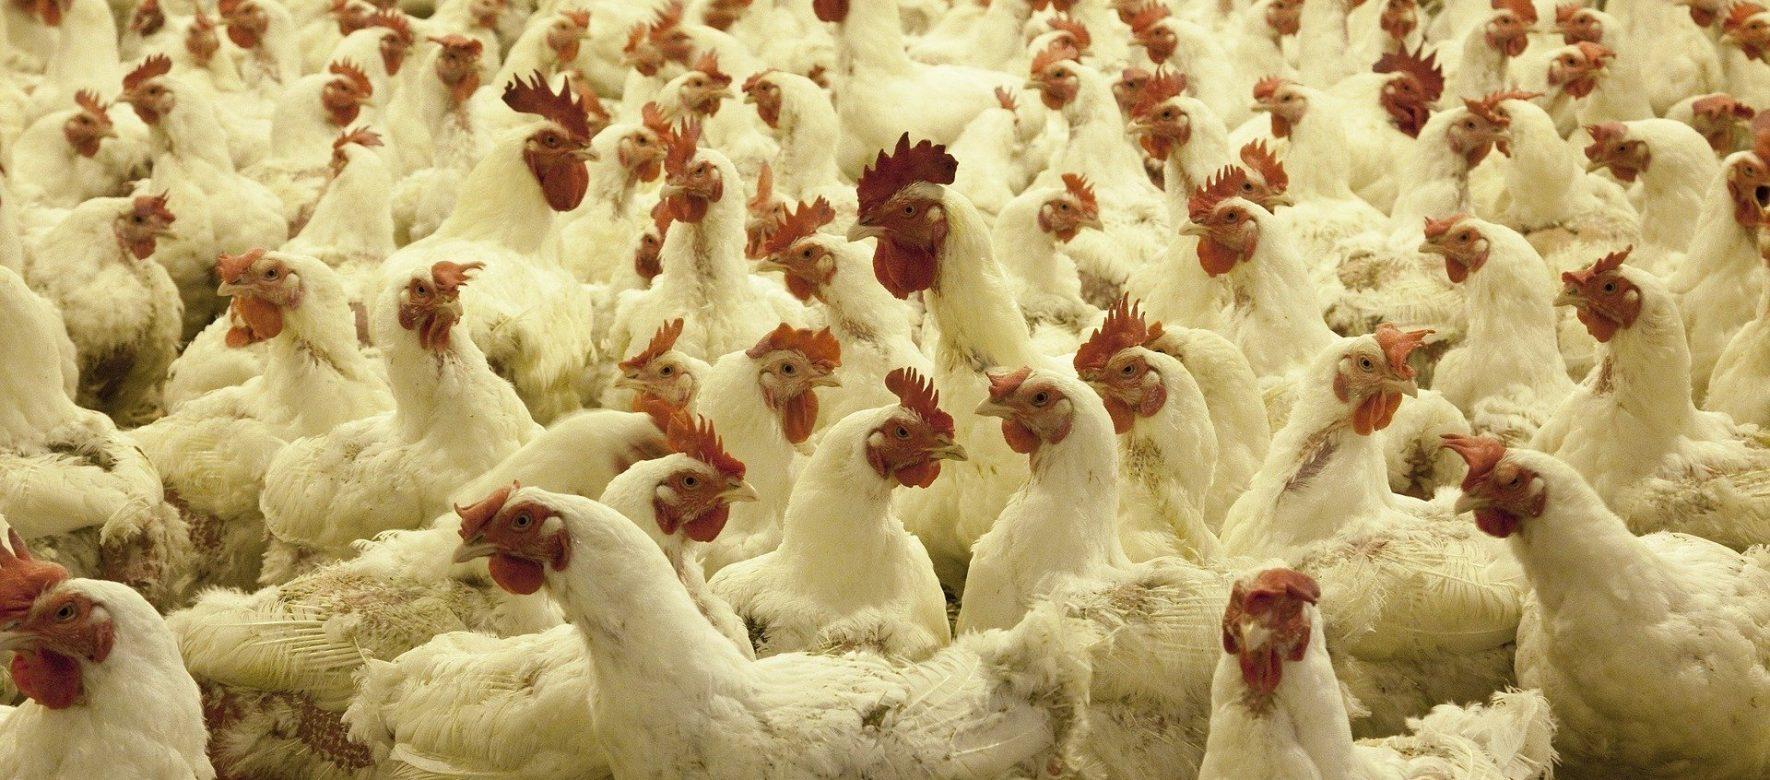 Maroc : L'industrie avicole paie un lourd tribut dans la crise du coronavirus